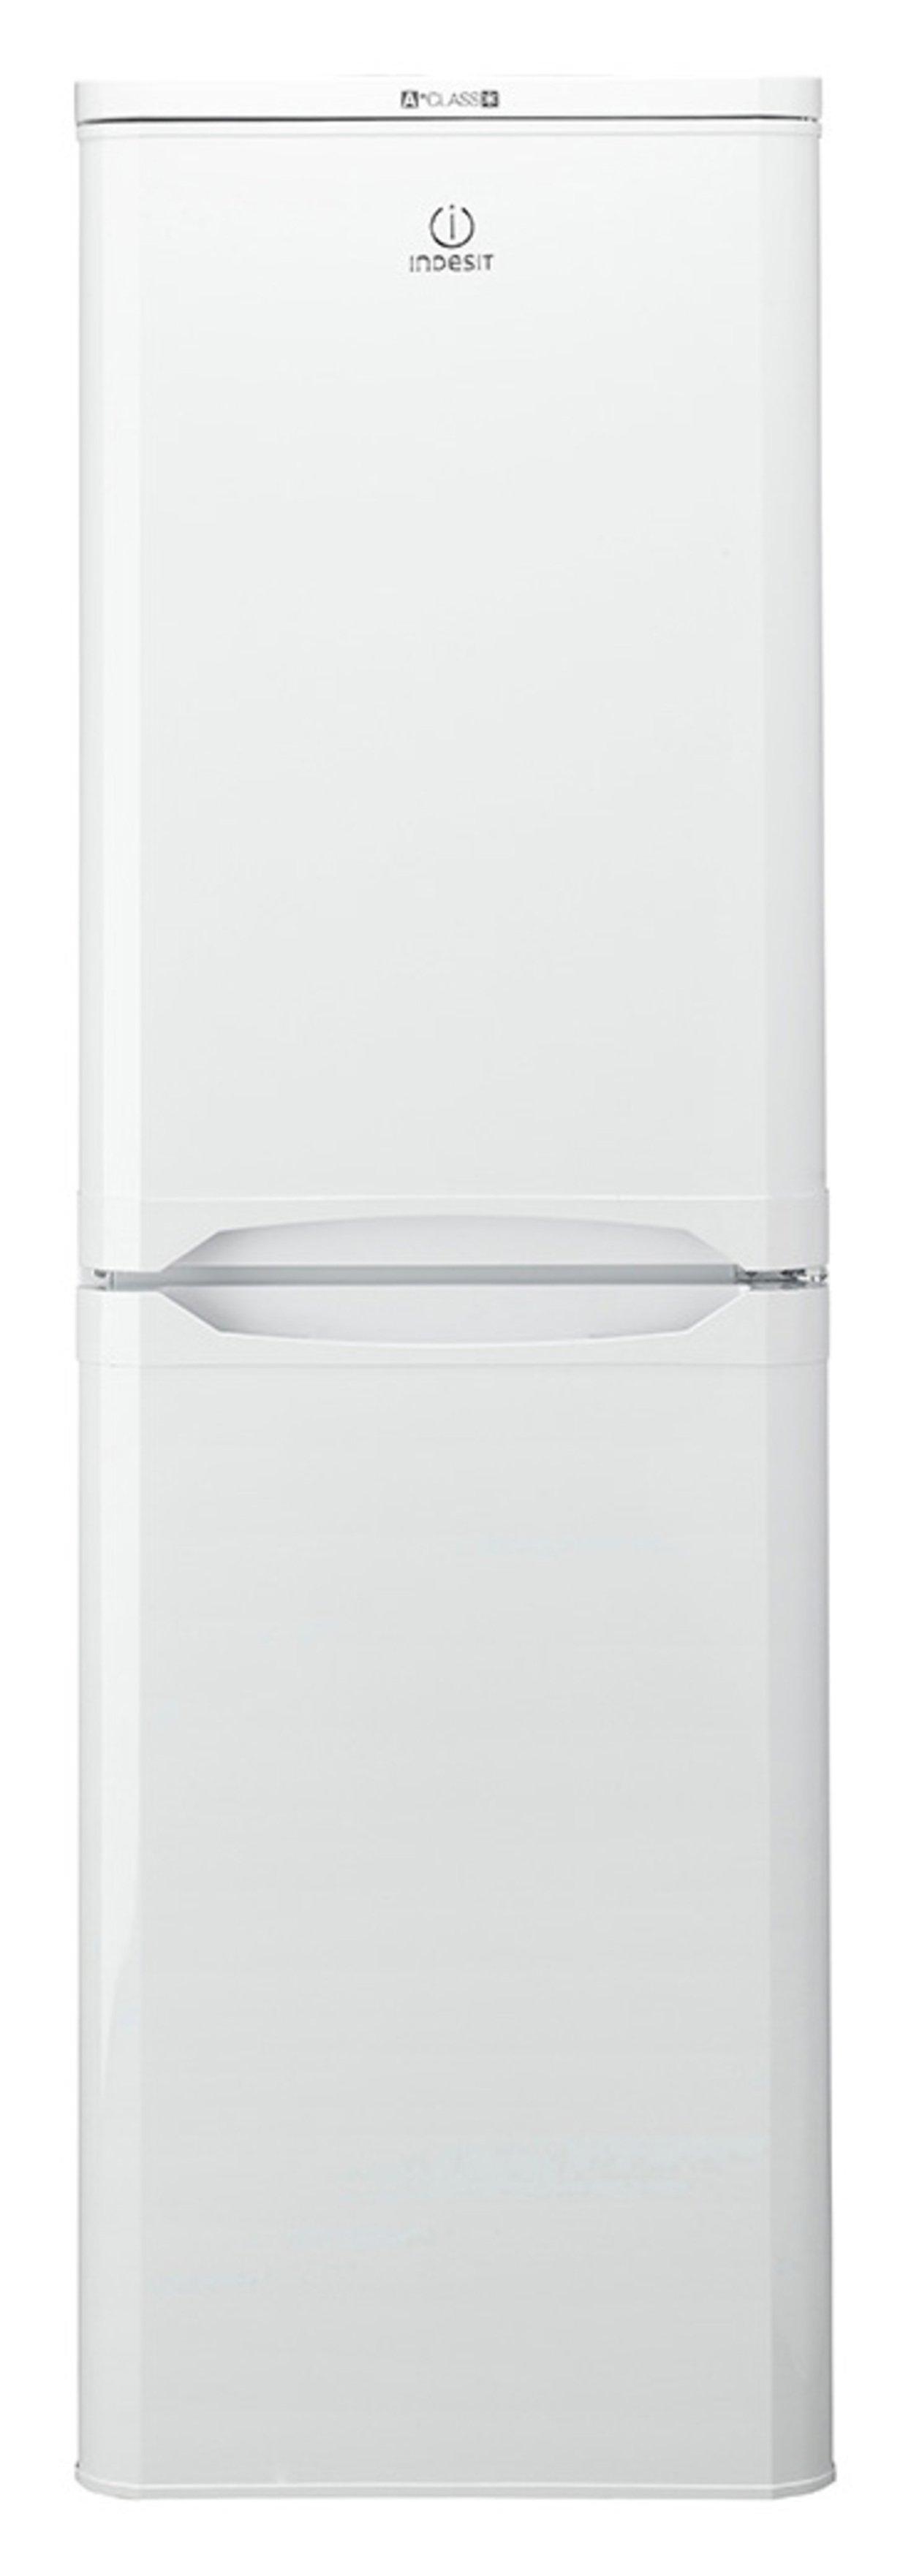 indesit-caa55-fridge-freezer-white